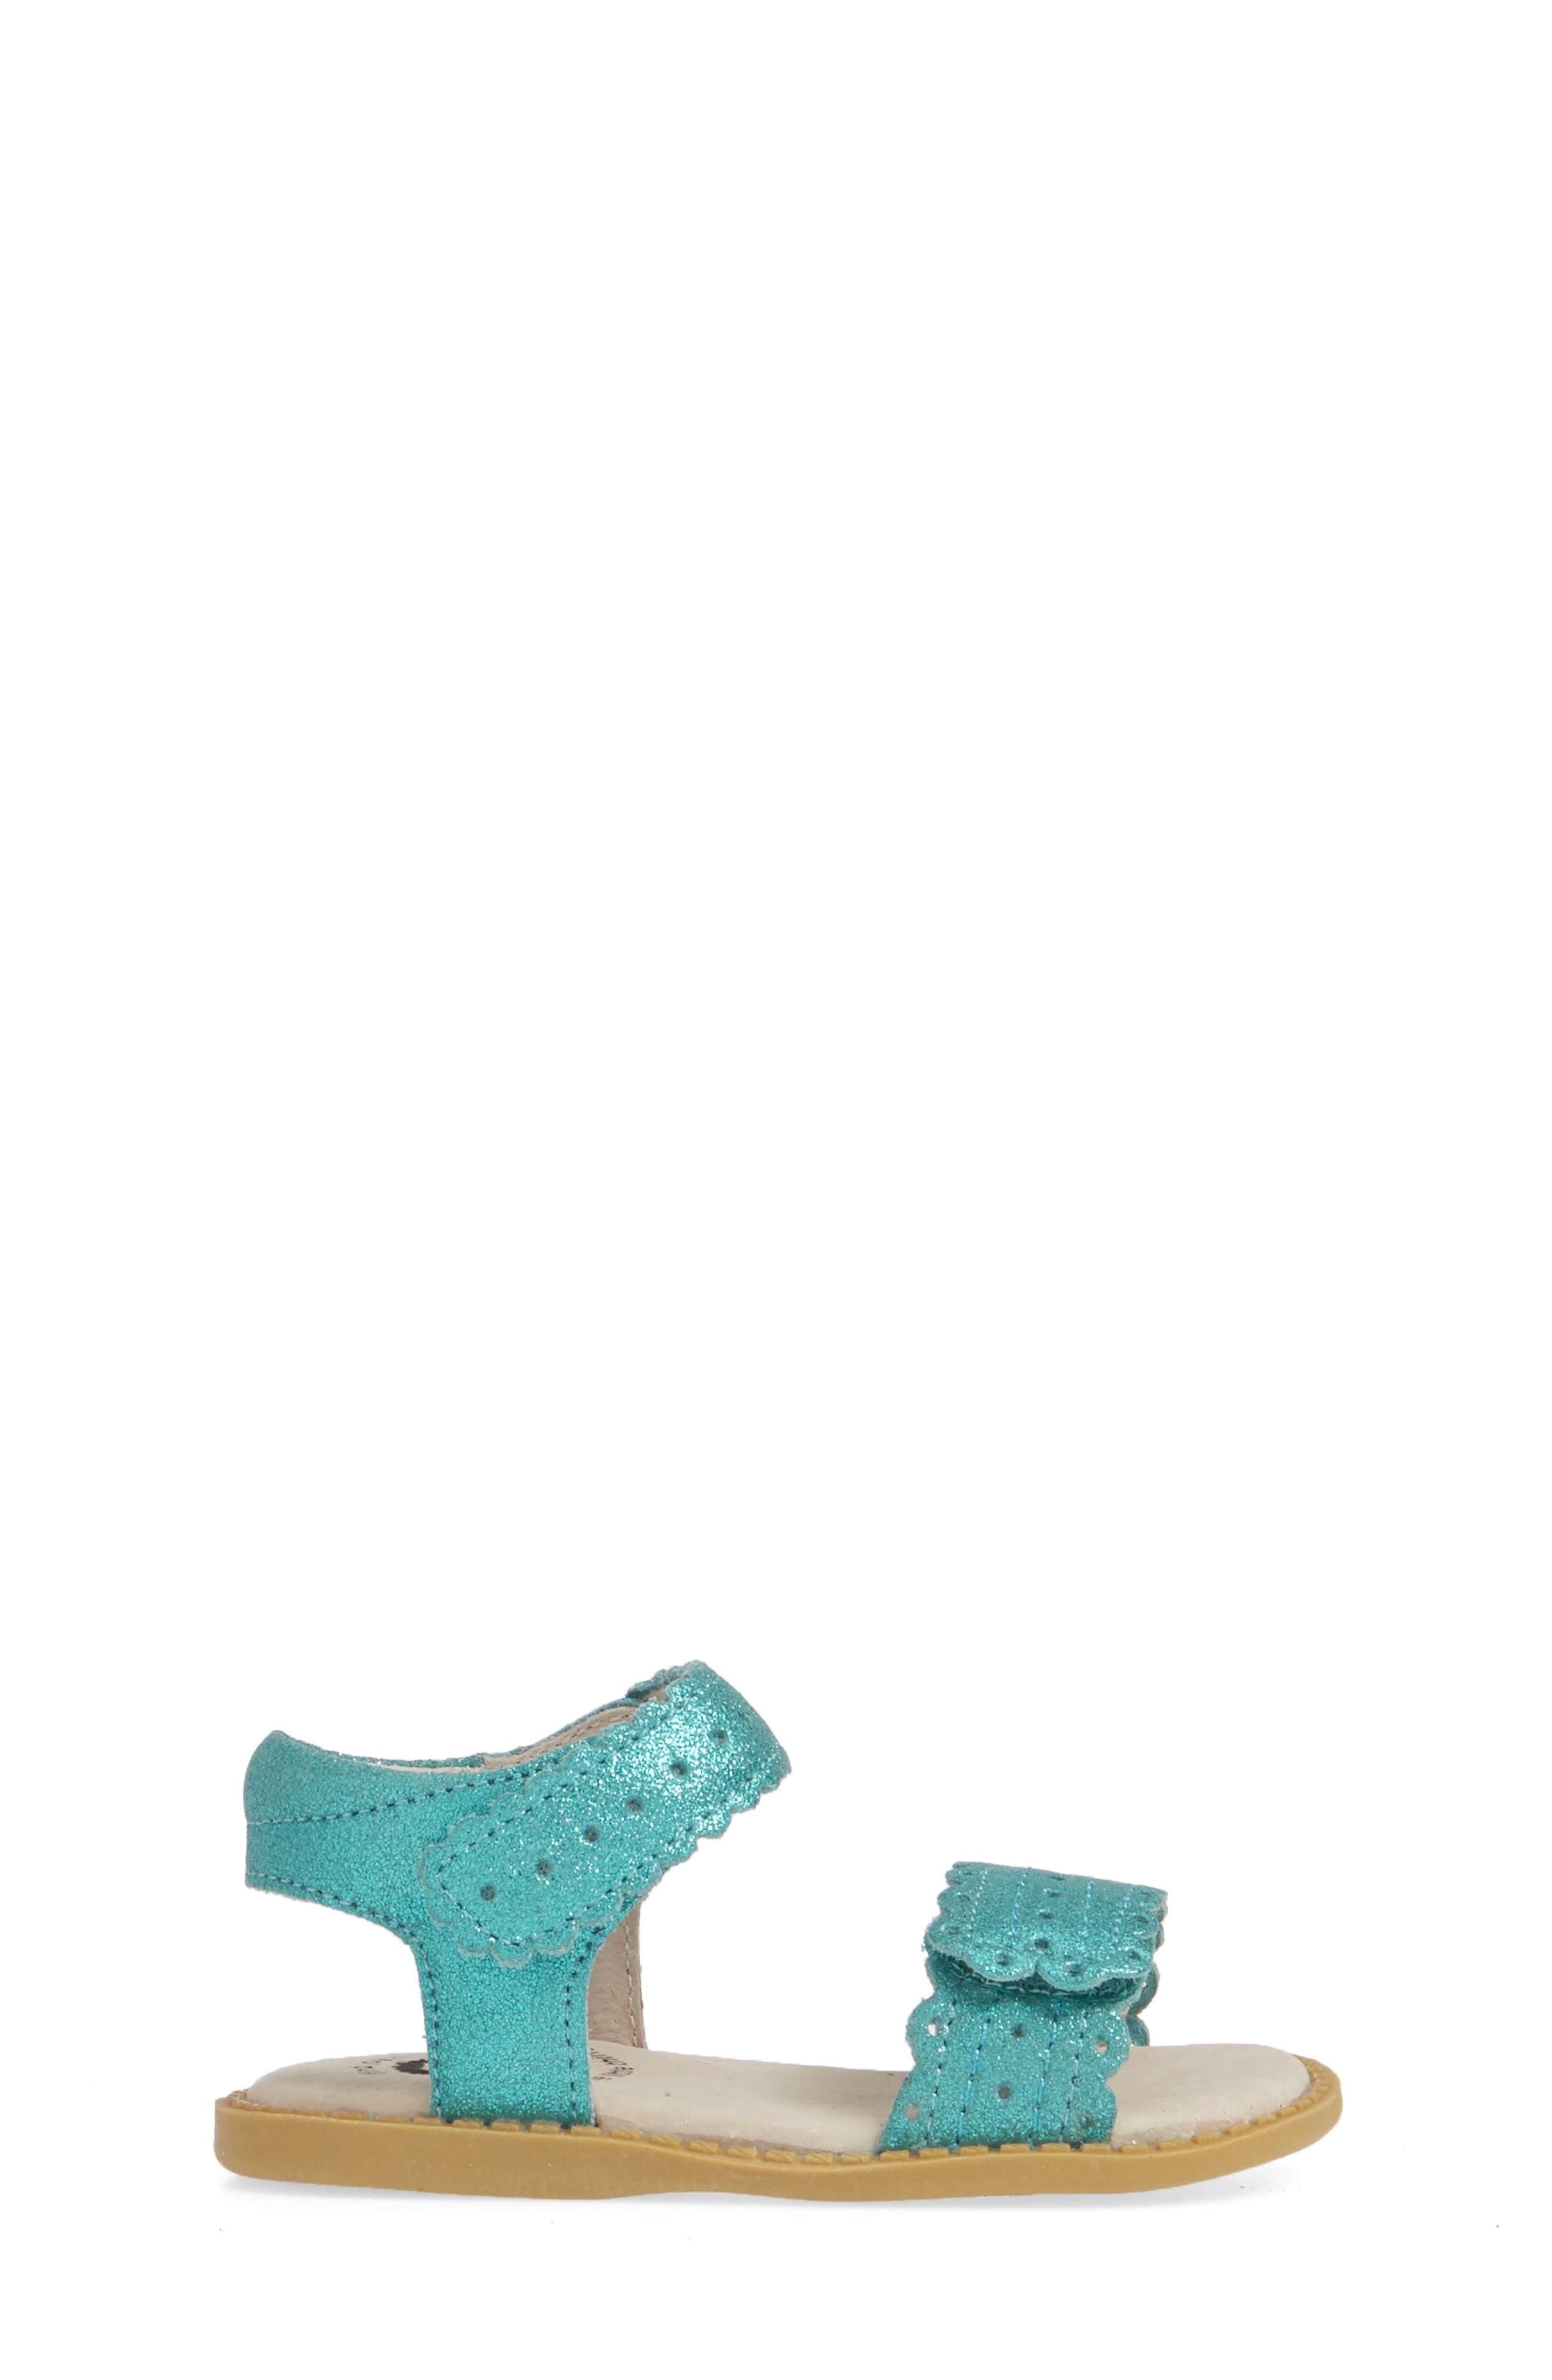 LIVIE & LUCA, Posey Sandal, Alternate thumbnail 3, color, AQUA SHIMMER